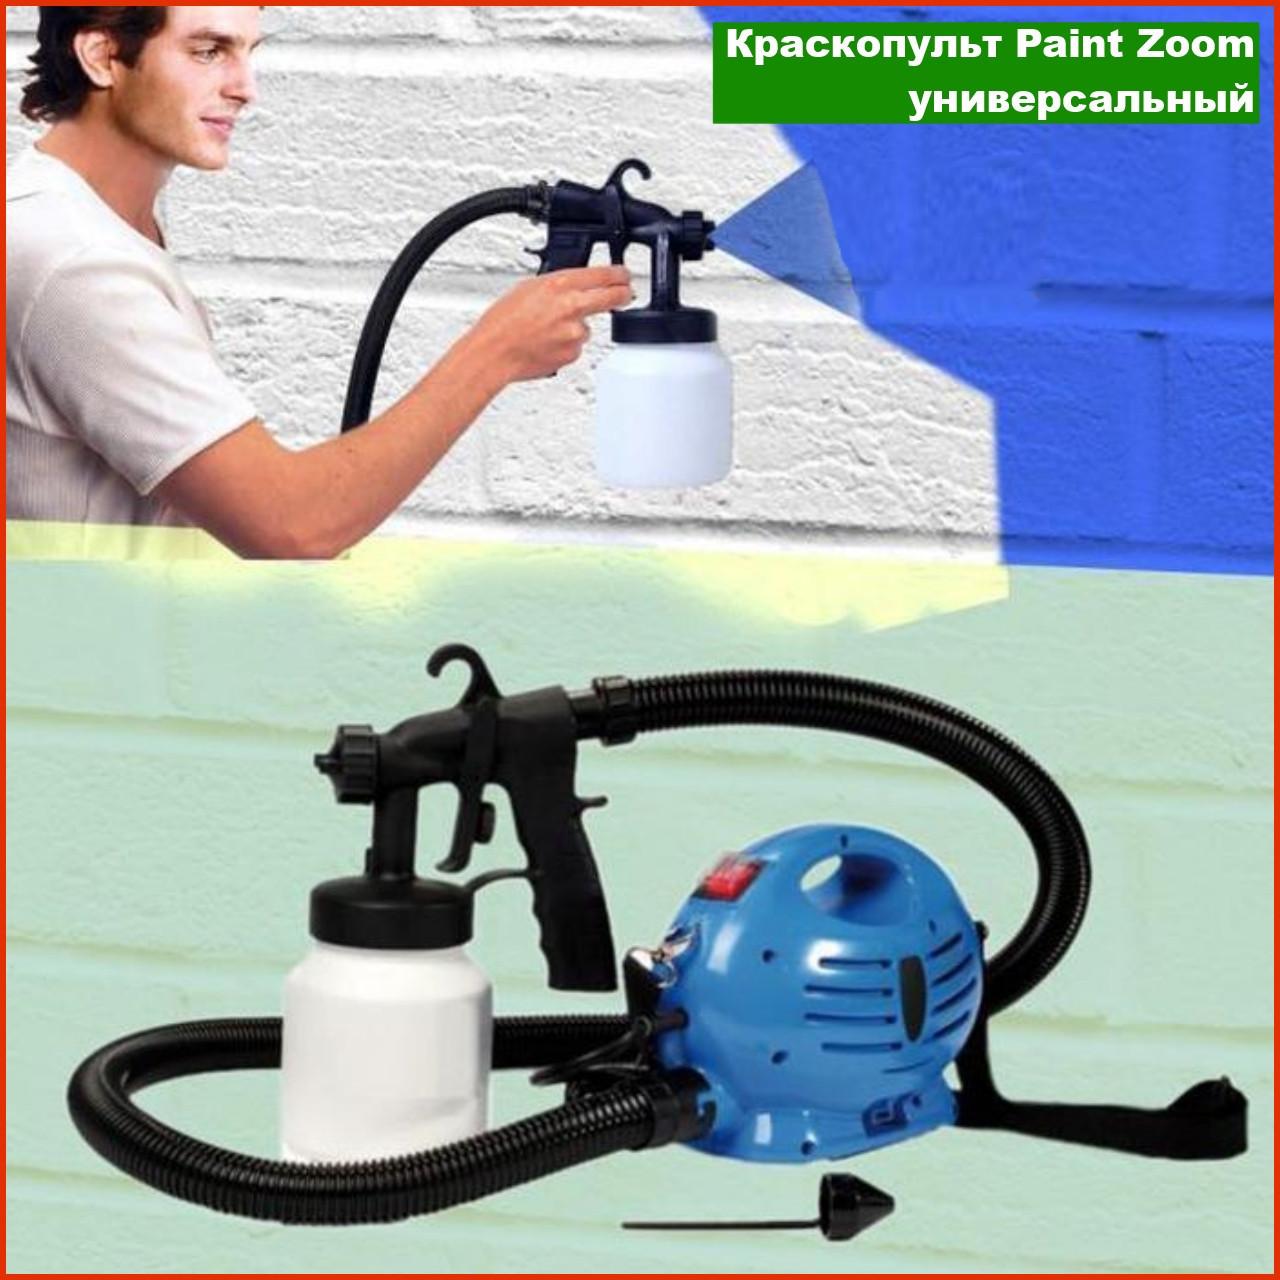 Універсальний фарбопульт пульверизатор Paint Zoom Пейнт Зум побутової пневматичний розпилювач фарби покрас